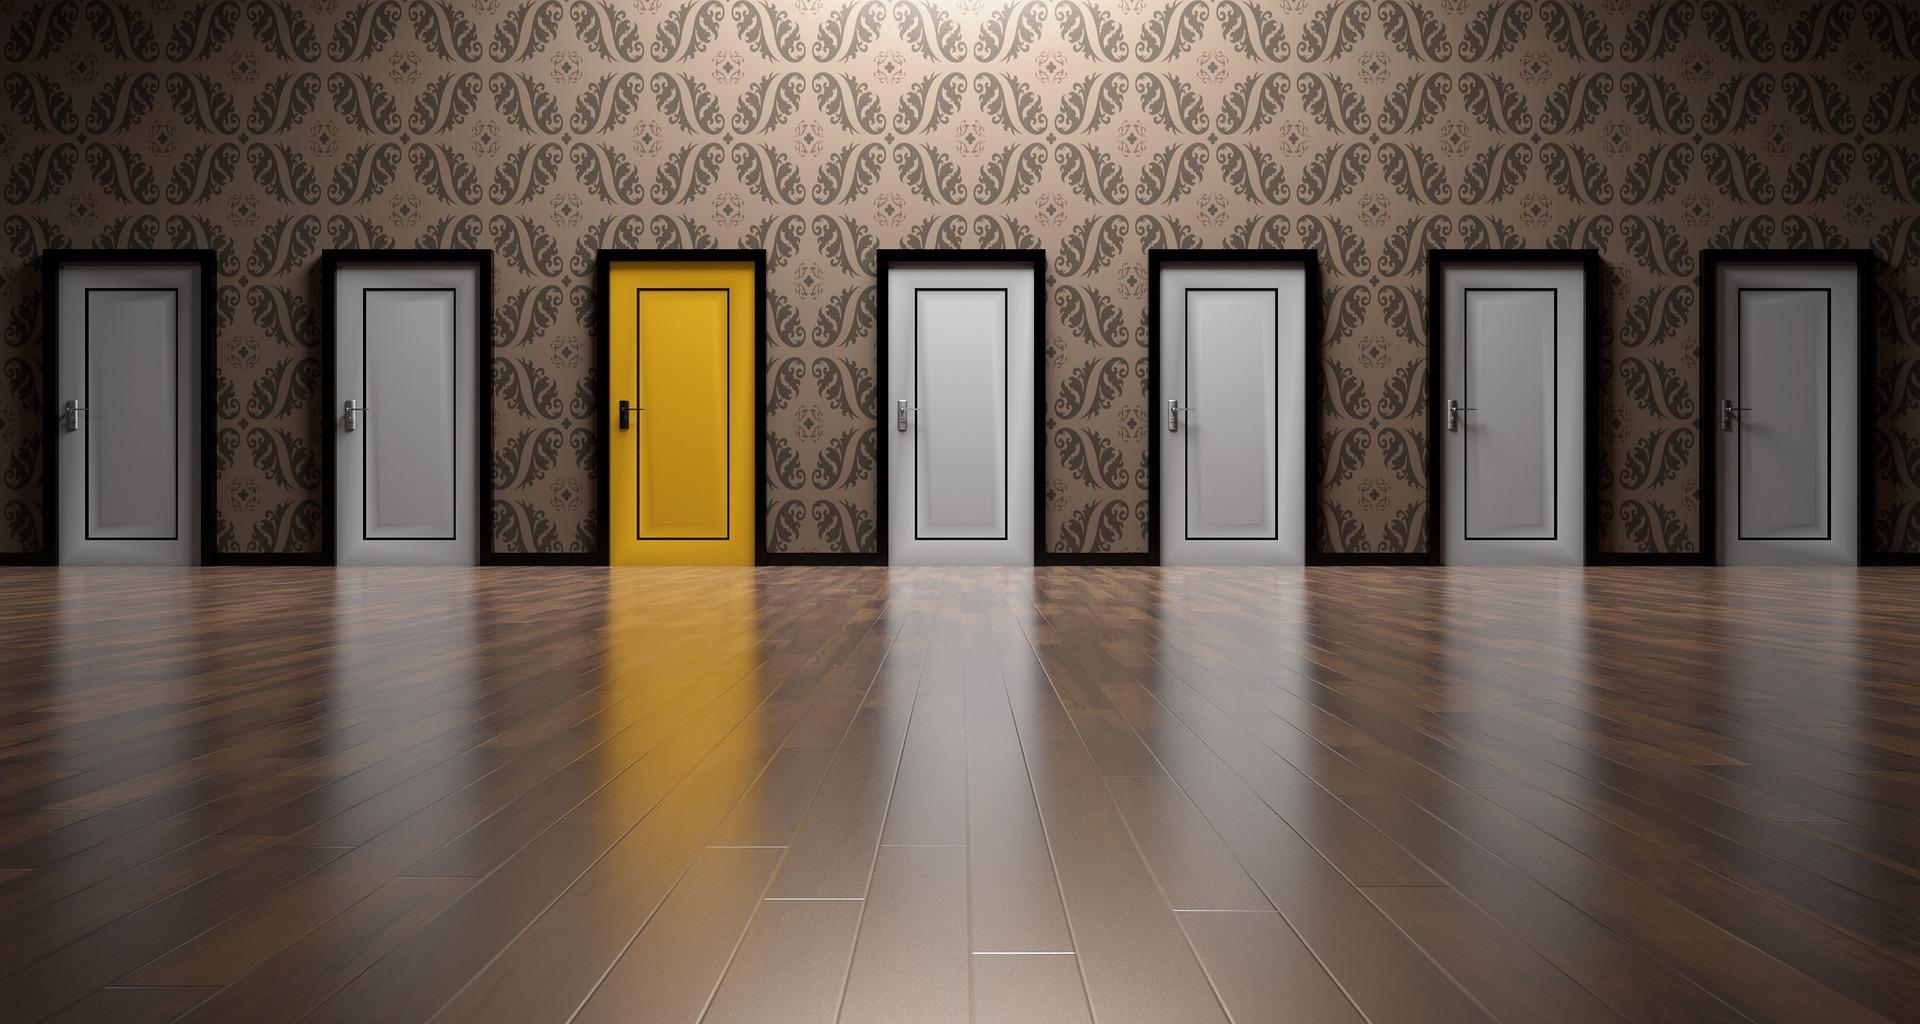 Personal brand e agenti immobiliari: 3 consigli per iniziare subito a creare valore e distinguerti